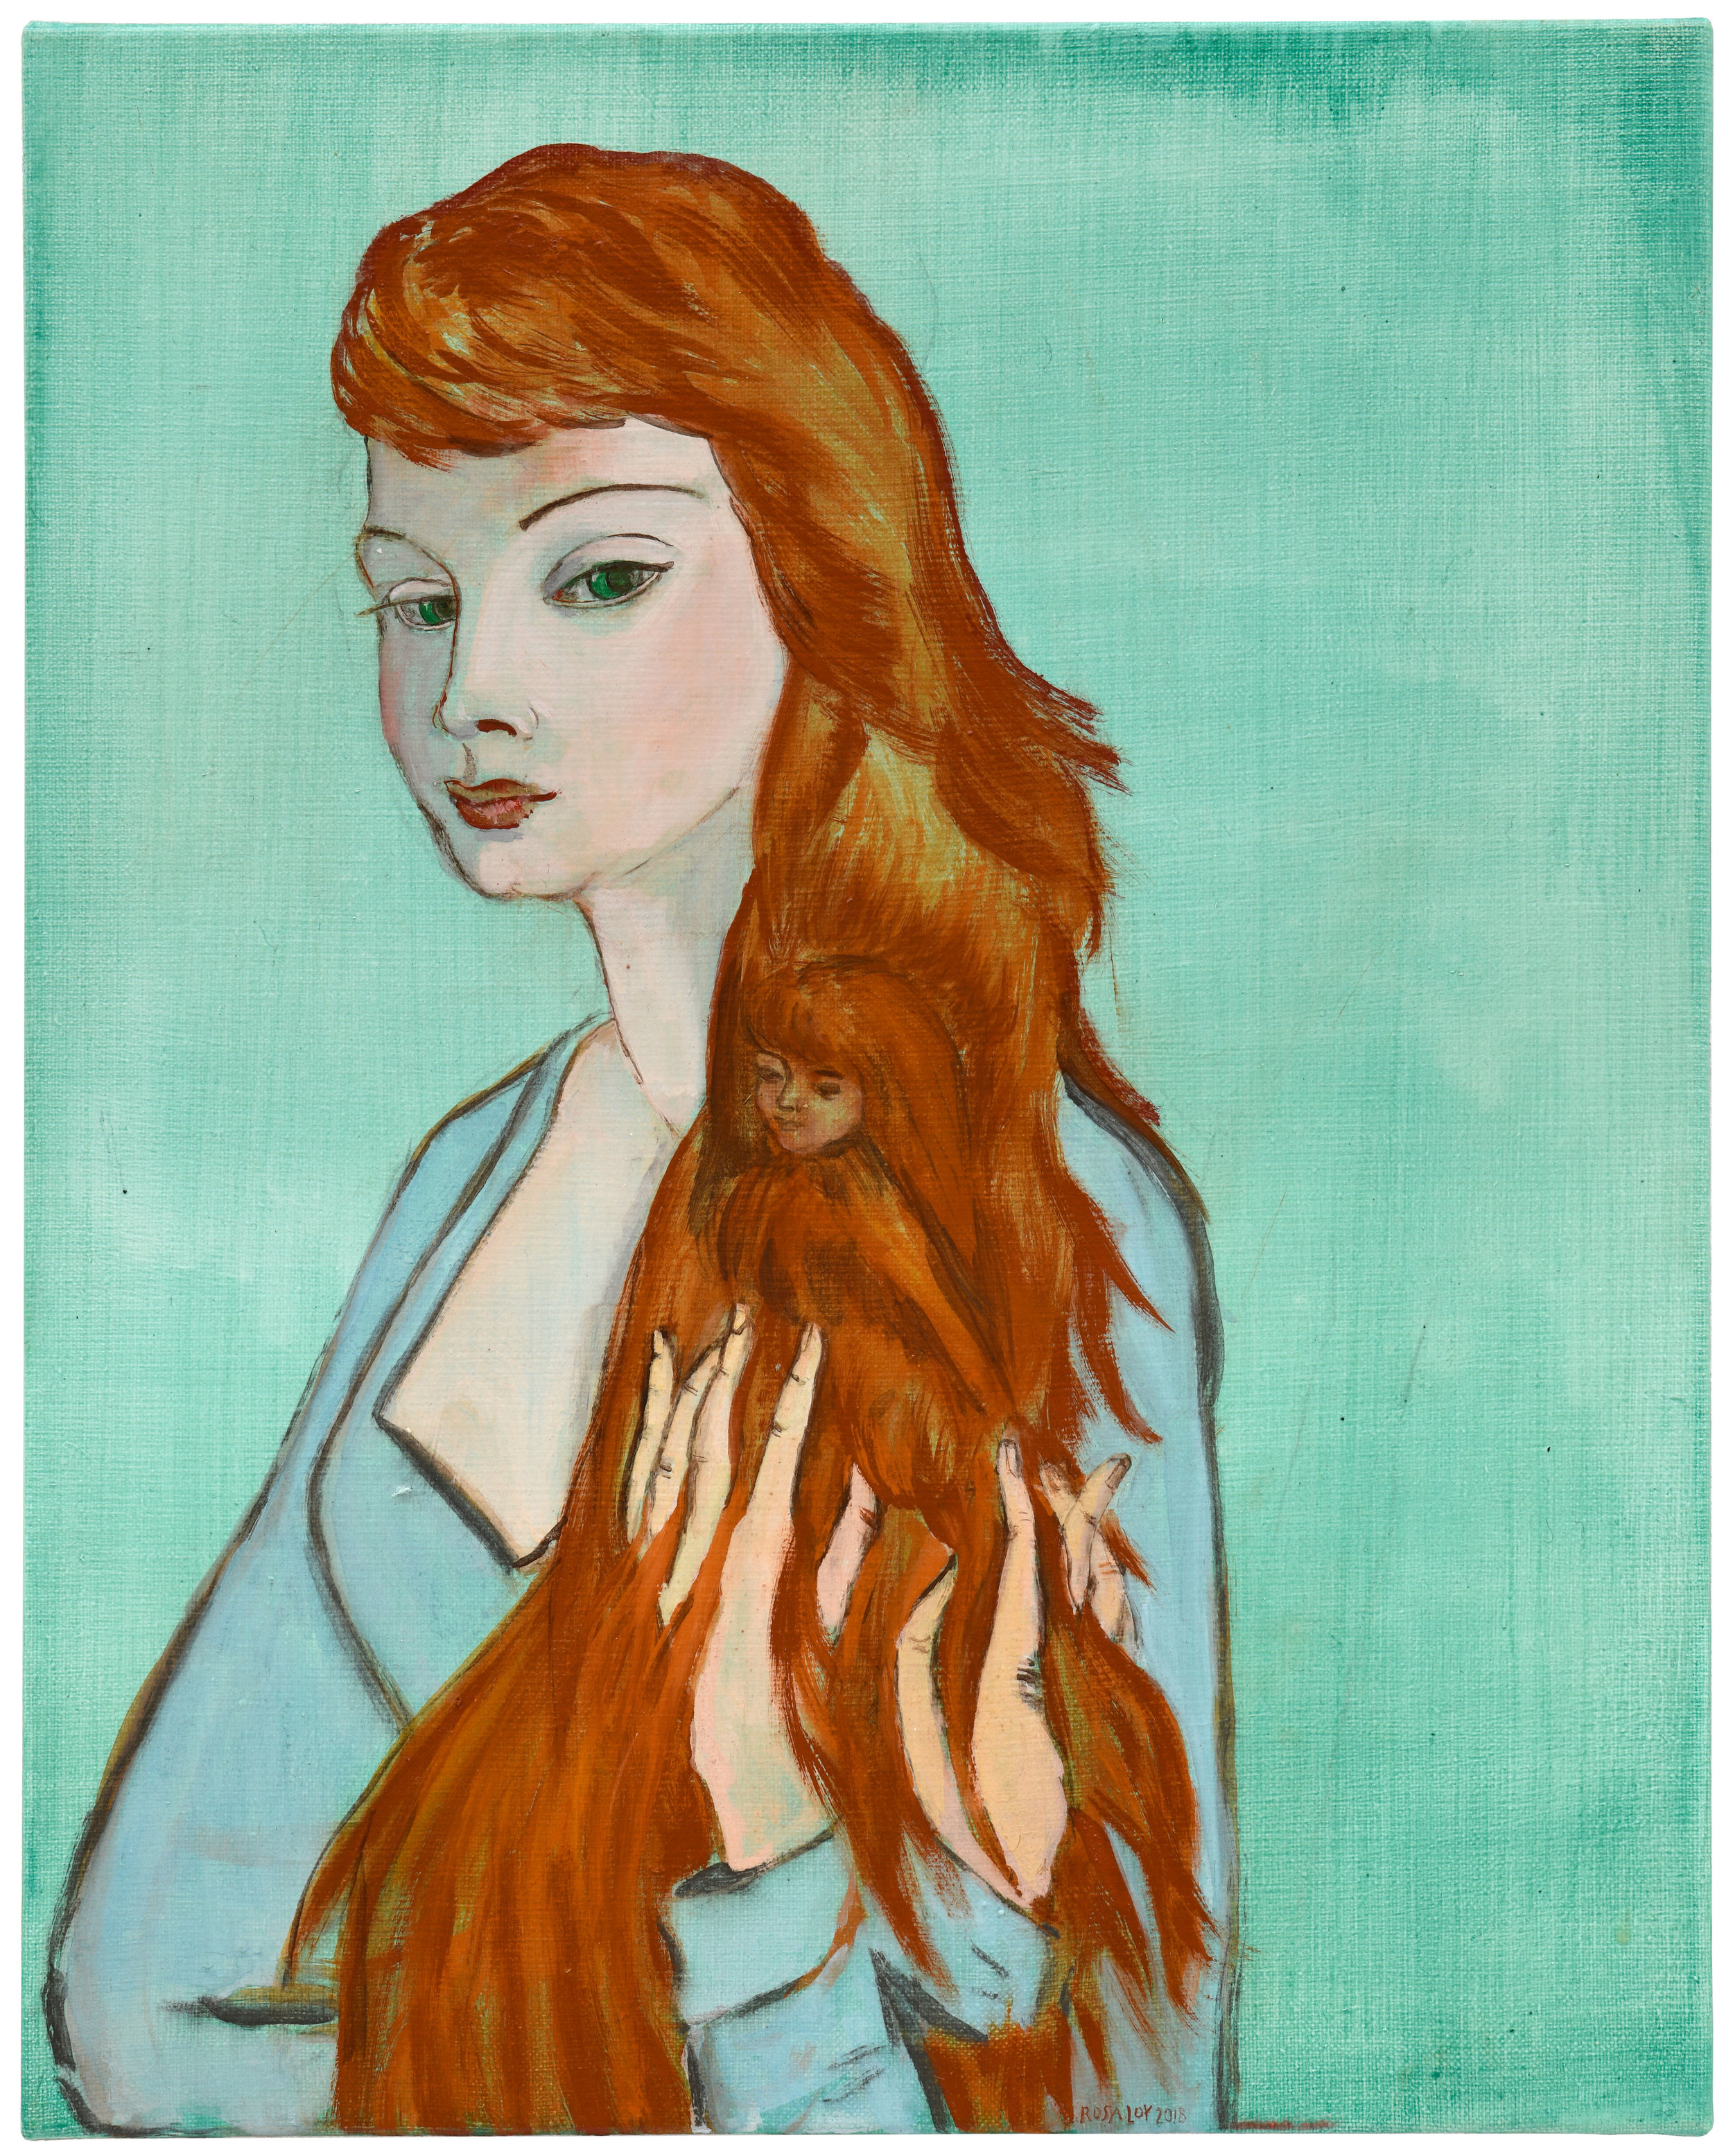 """""""Haarversteck,"""" 2018, casein on canvas, 19 3/4 x 15 3/4 inches"""